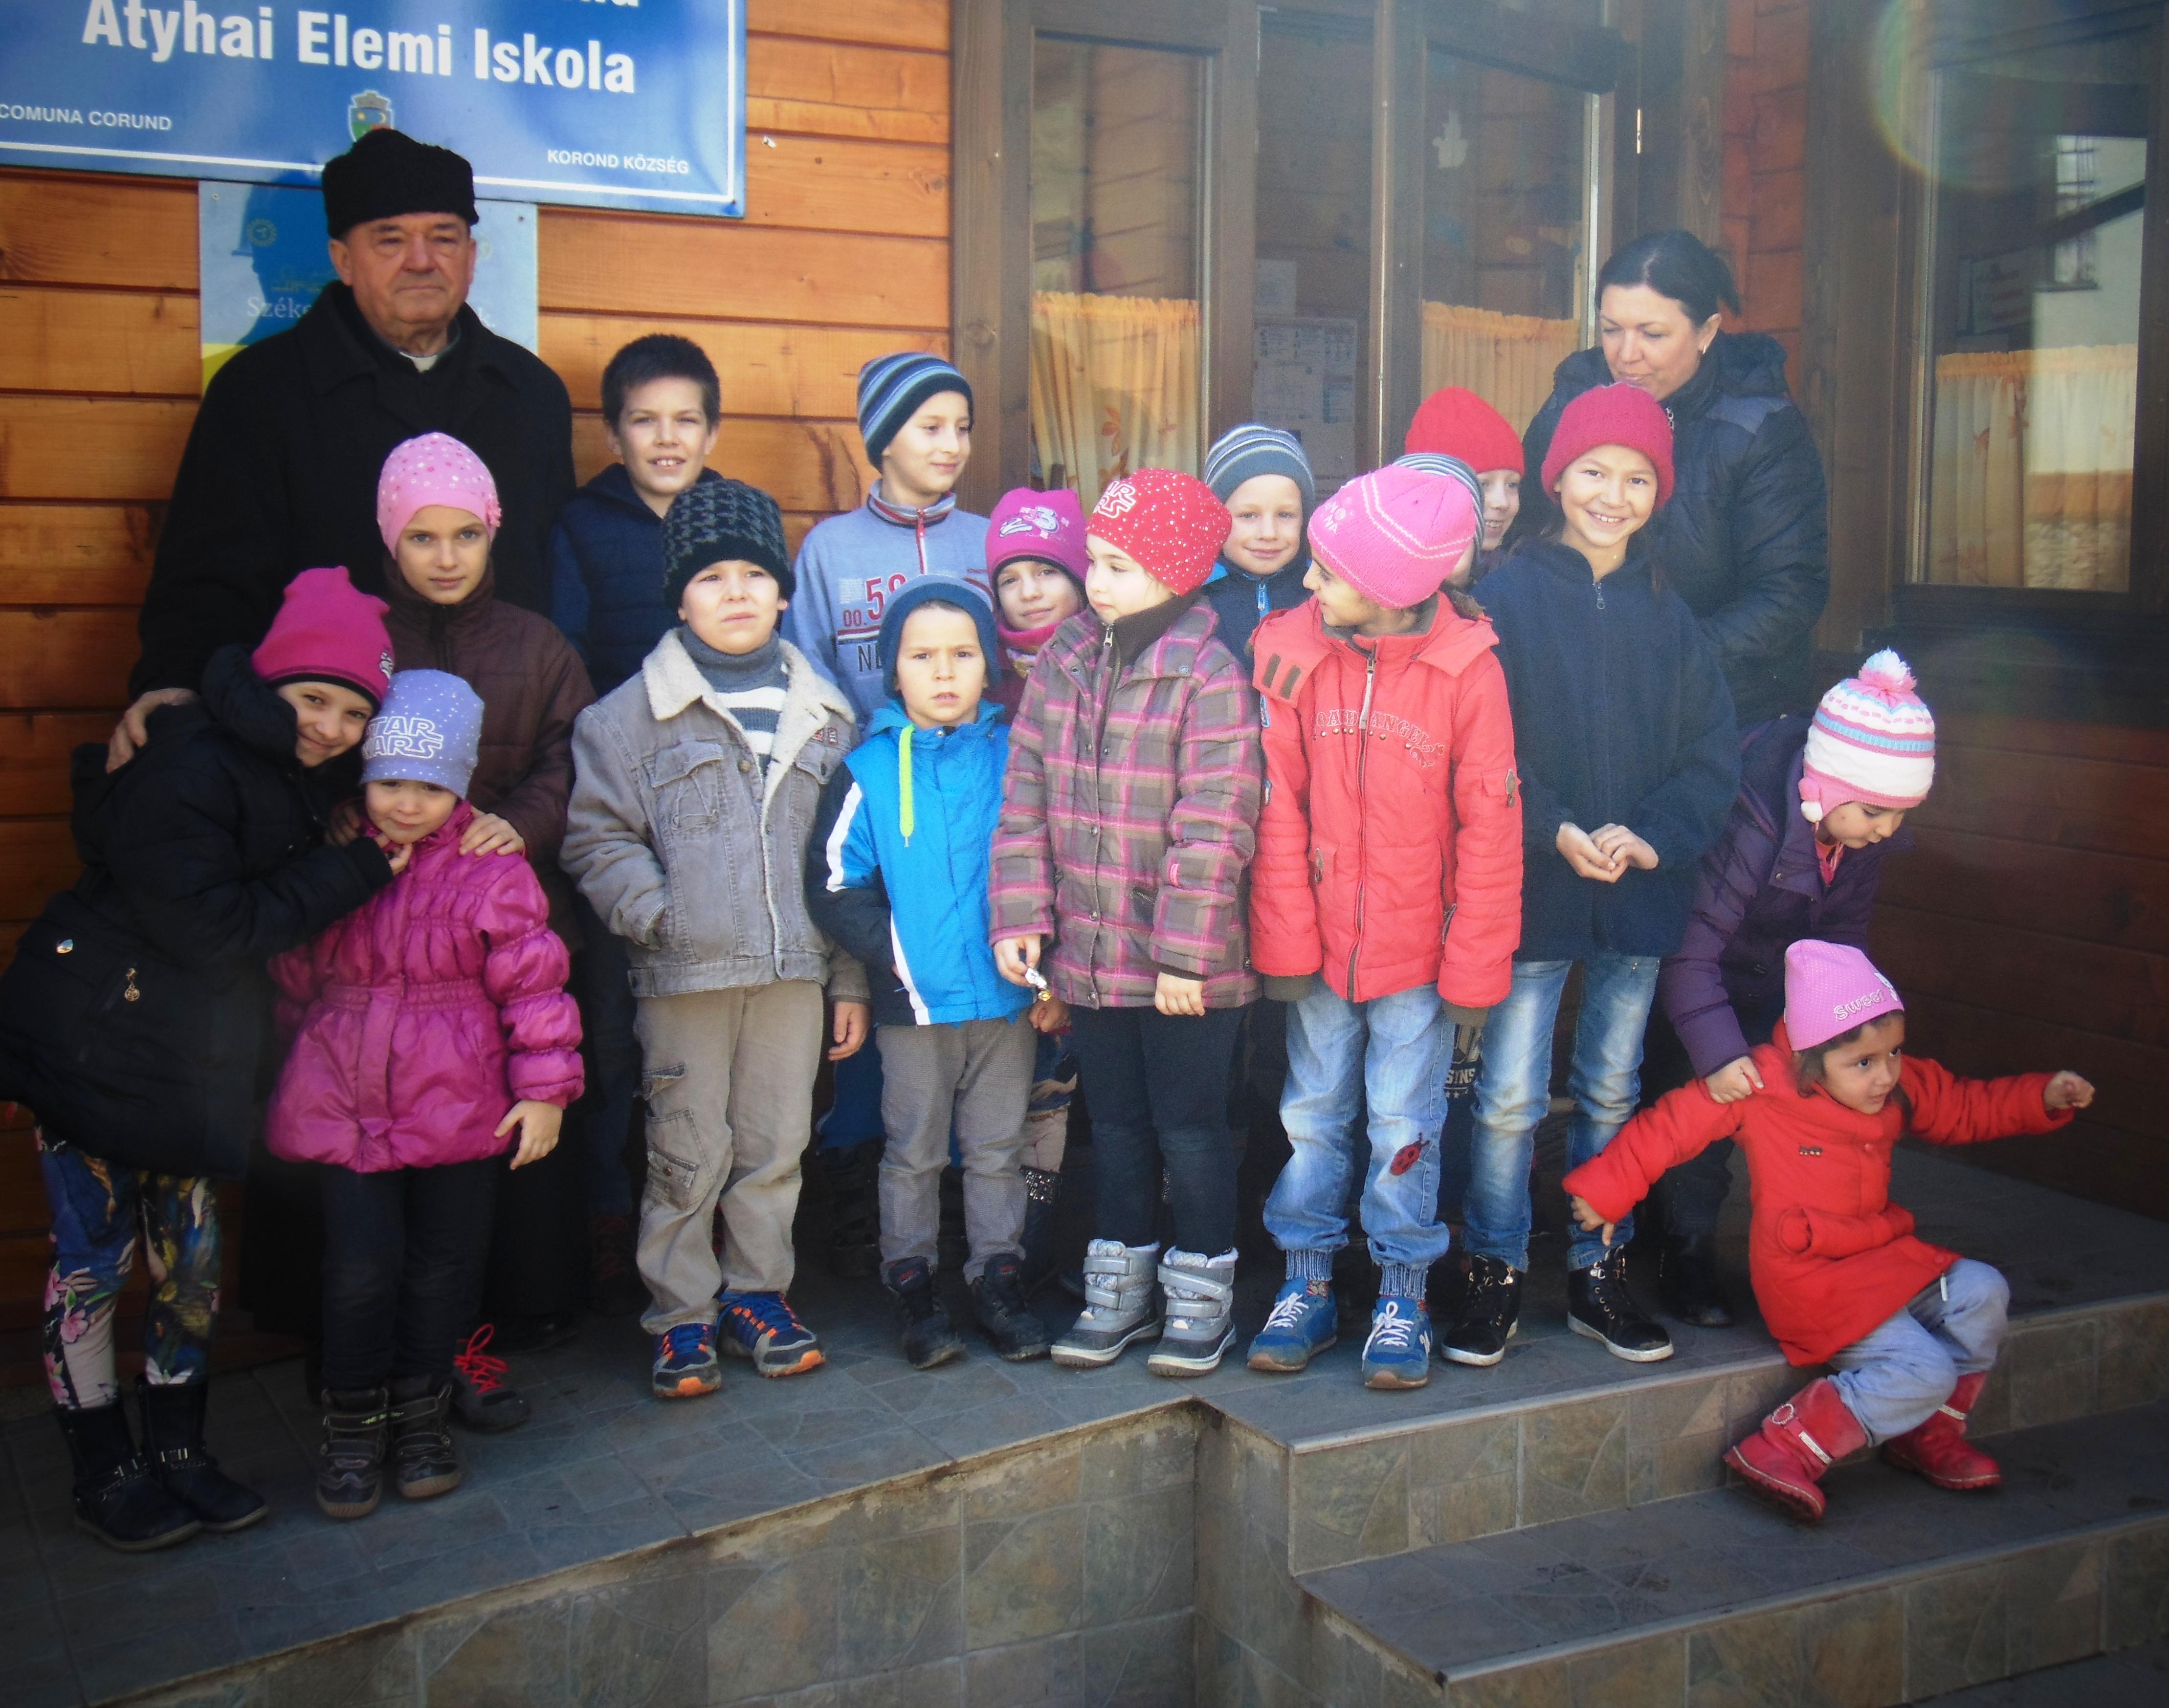 Adorján Imre plébános és Györfi Hajnal tanítónő az atyhai elemi iskolások csoportjával (Simó Márton felvételei.)